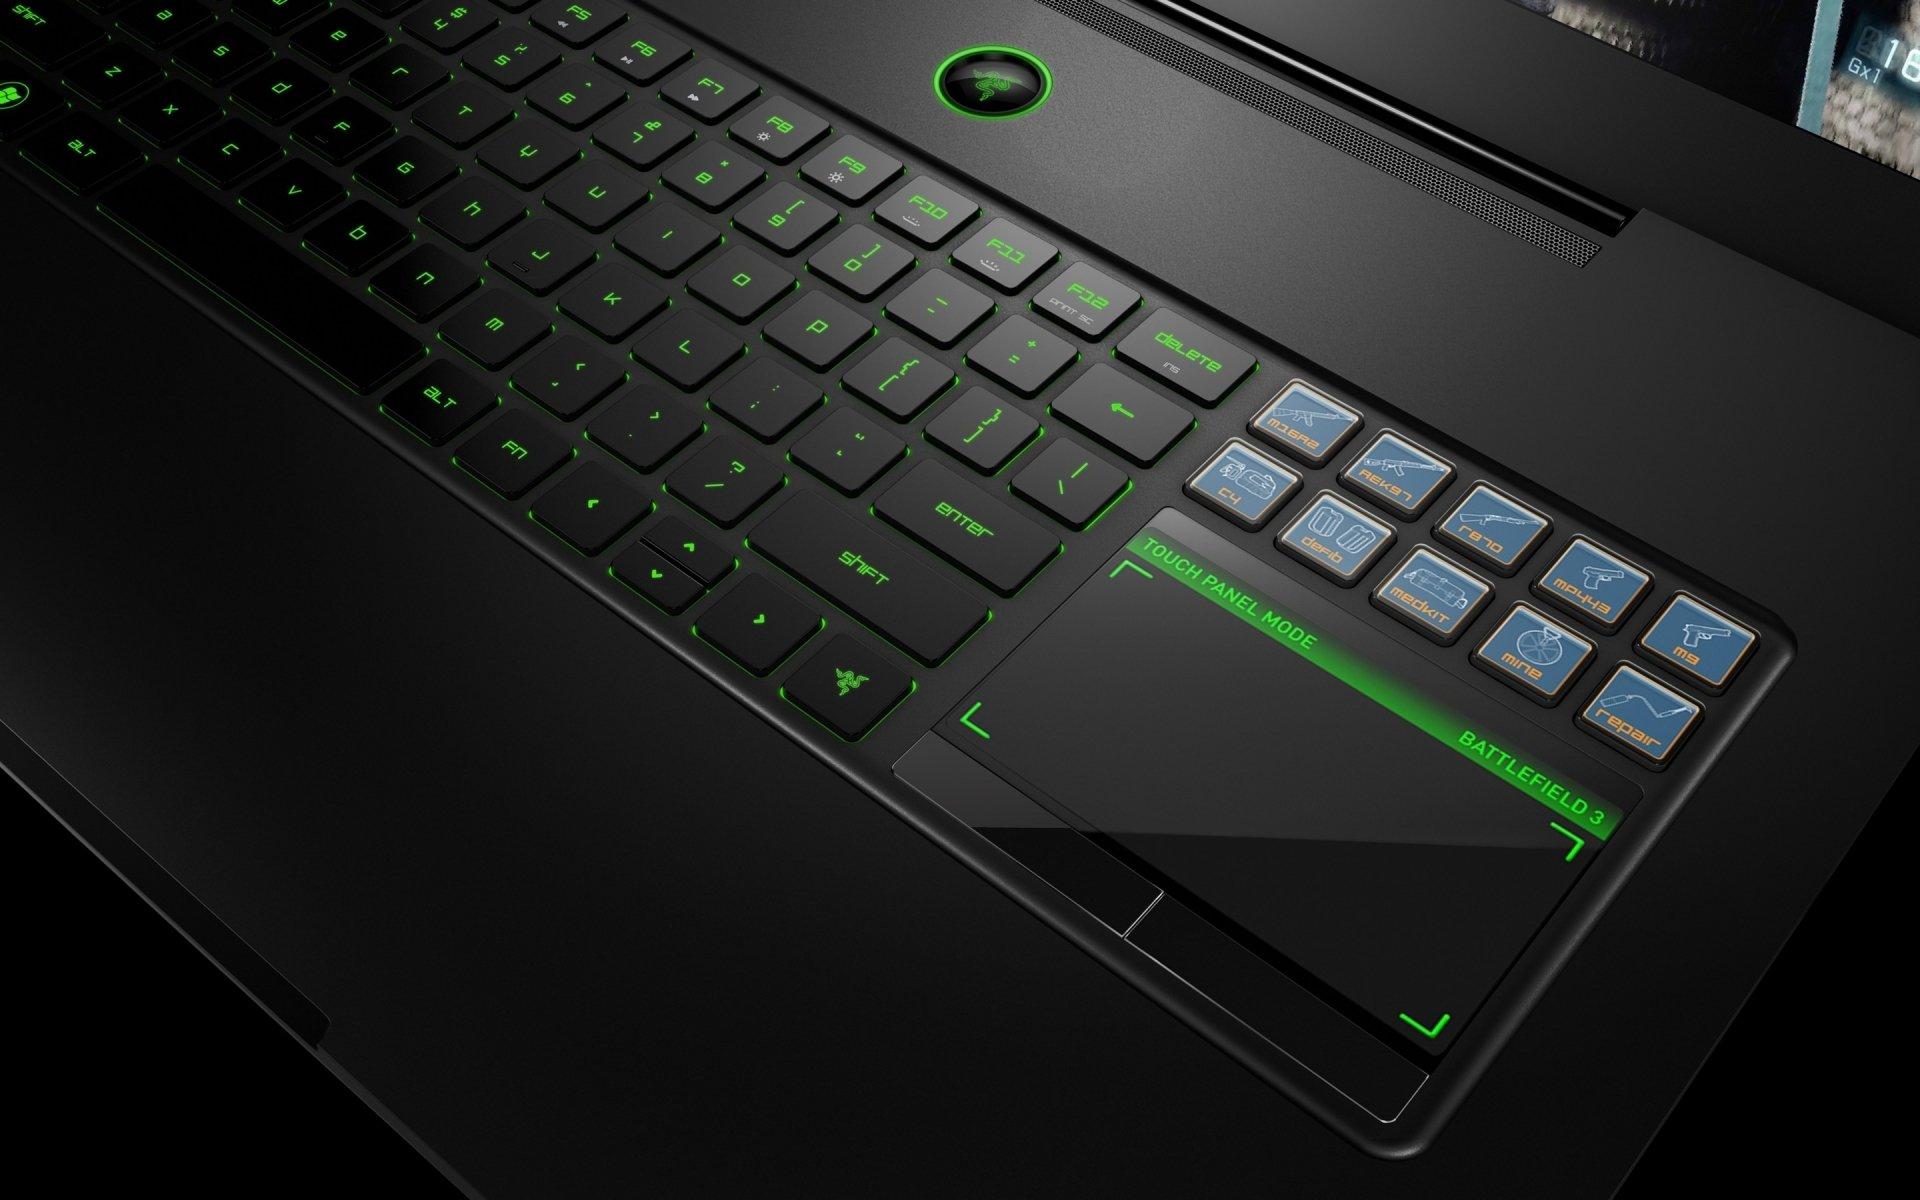 技术 - Laptop  技术 电脑 键盘 壁纸